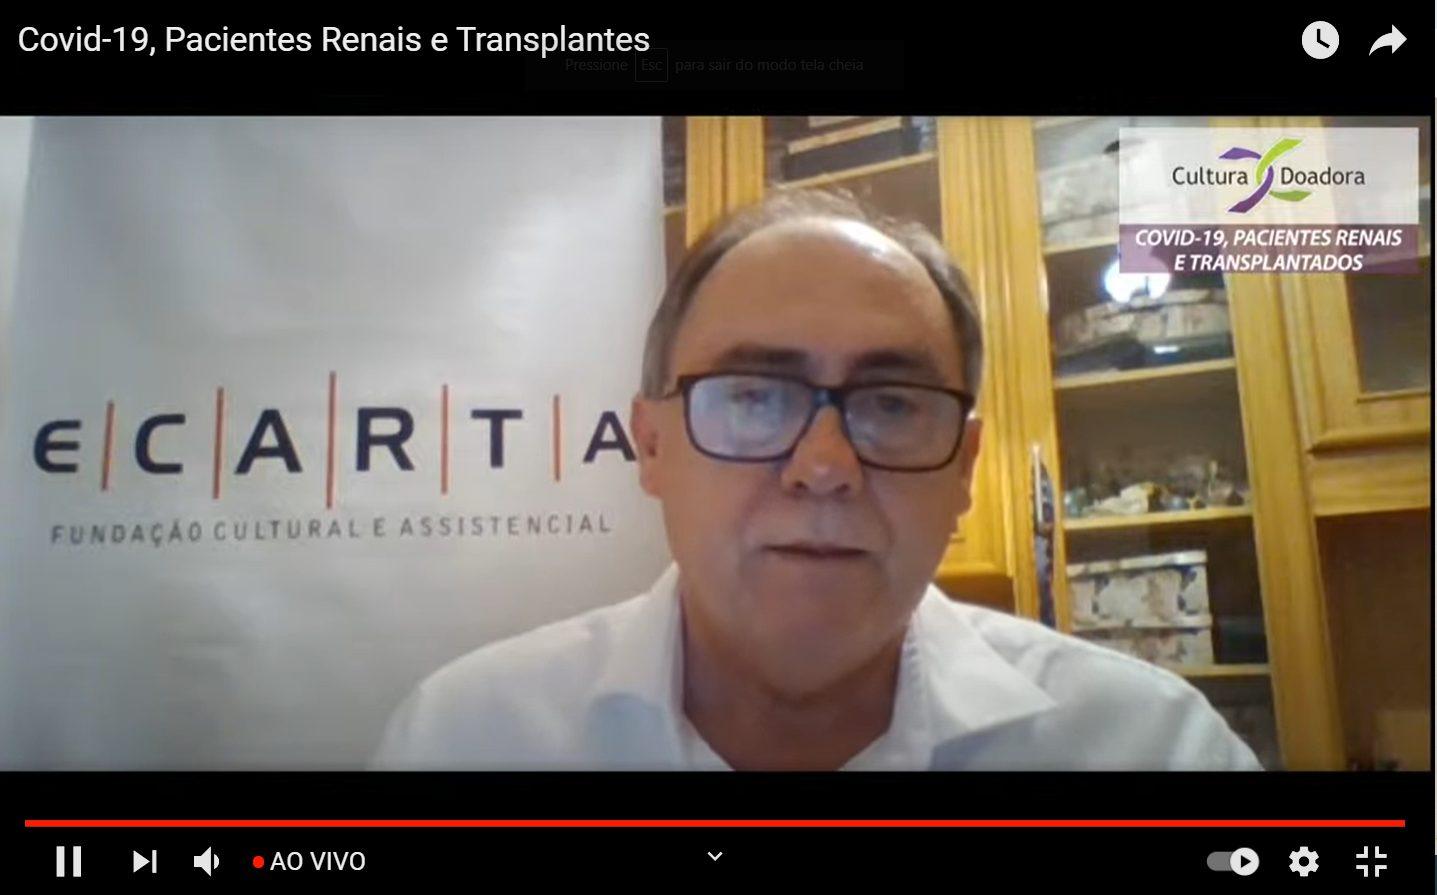 Marcos Fuhr, presidente da Fundação Ecarta e idealizador do projeto Cultura Doadora